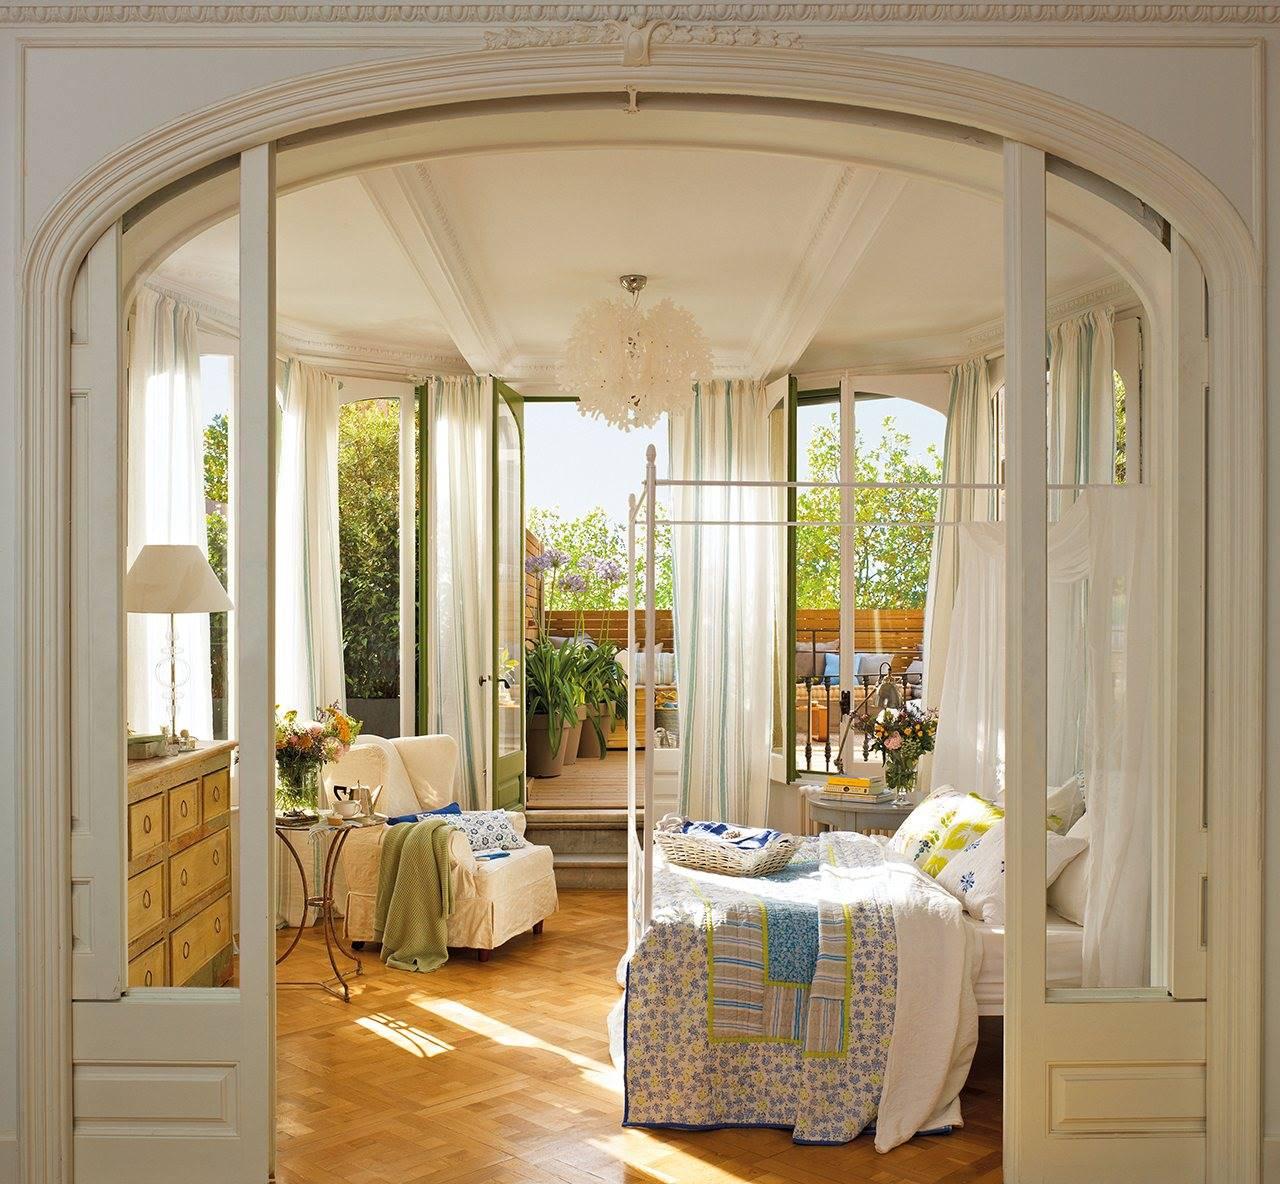 dormitorio con entrada en arco y salida a terraza 1280x1184. Nítido y transparente